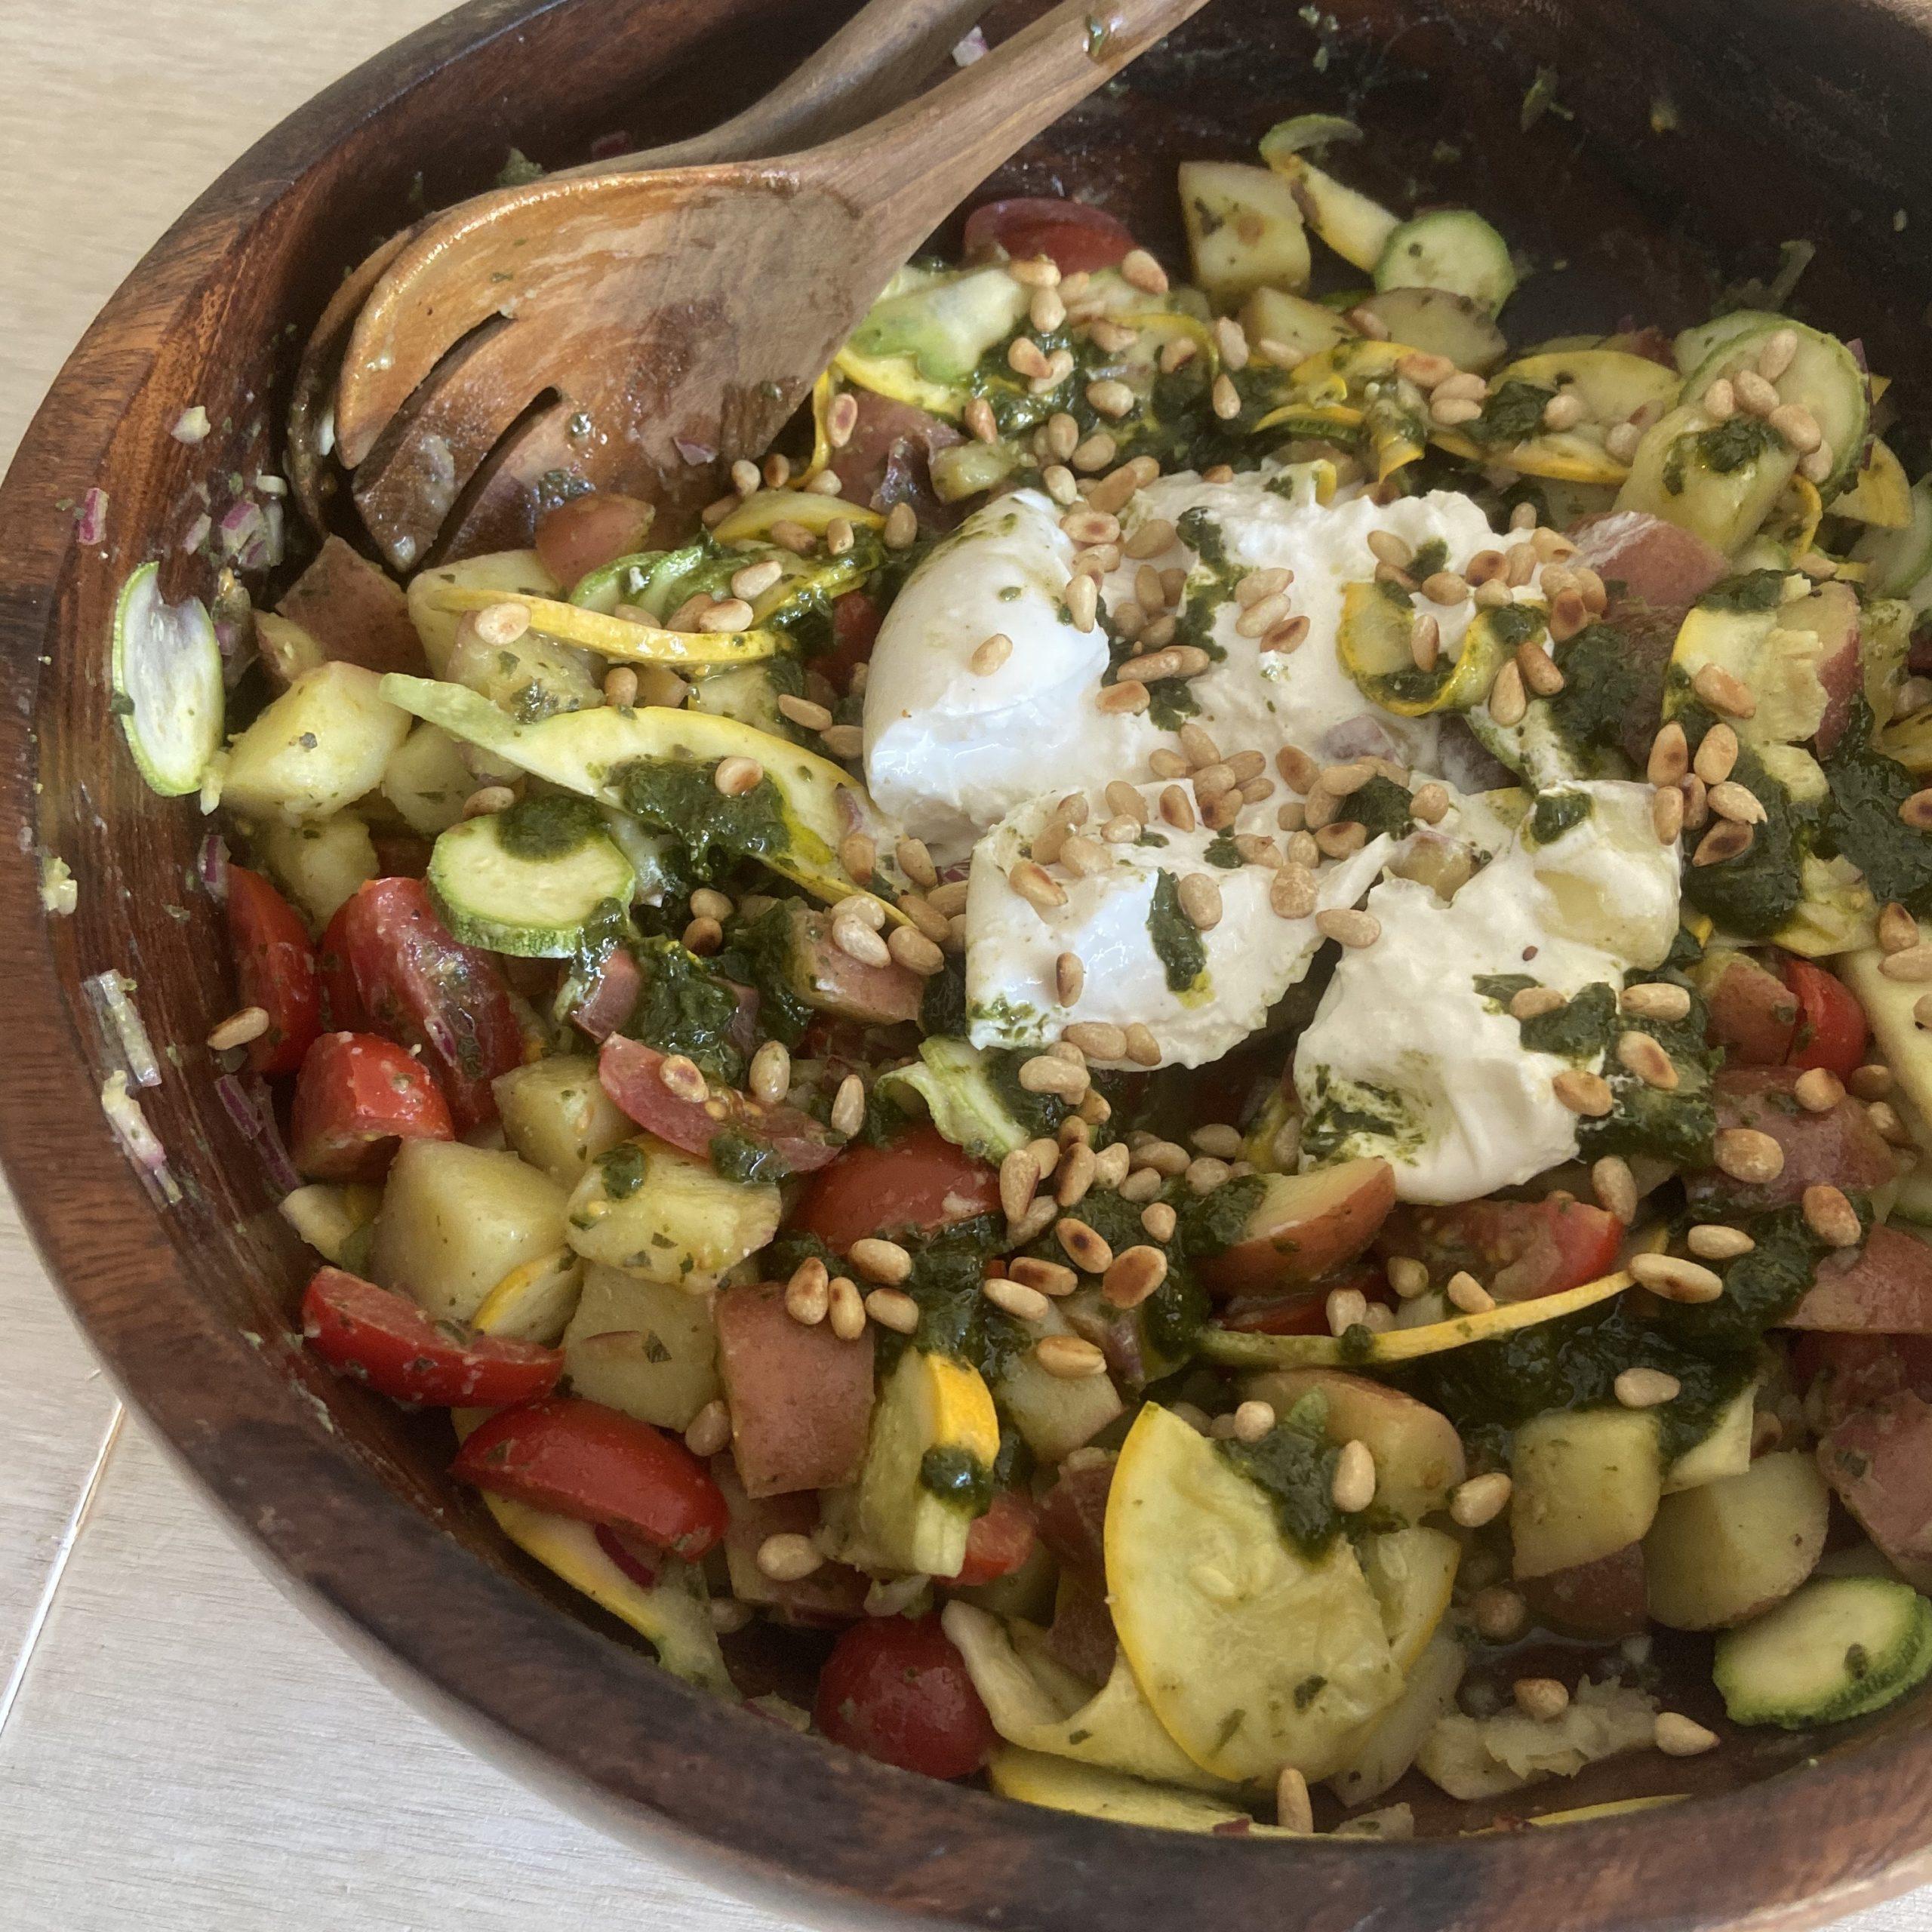 Aardappelsalade met tomaatjes, courgette, burrata en basilicumolie